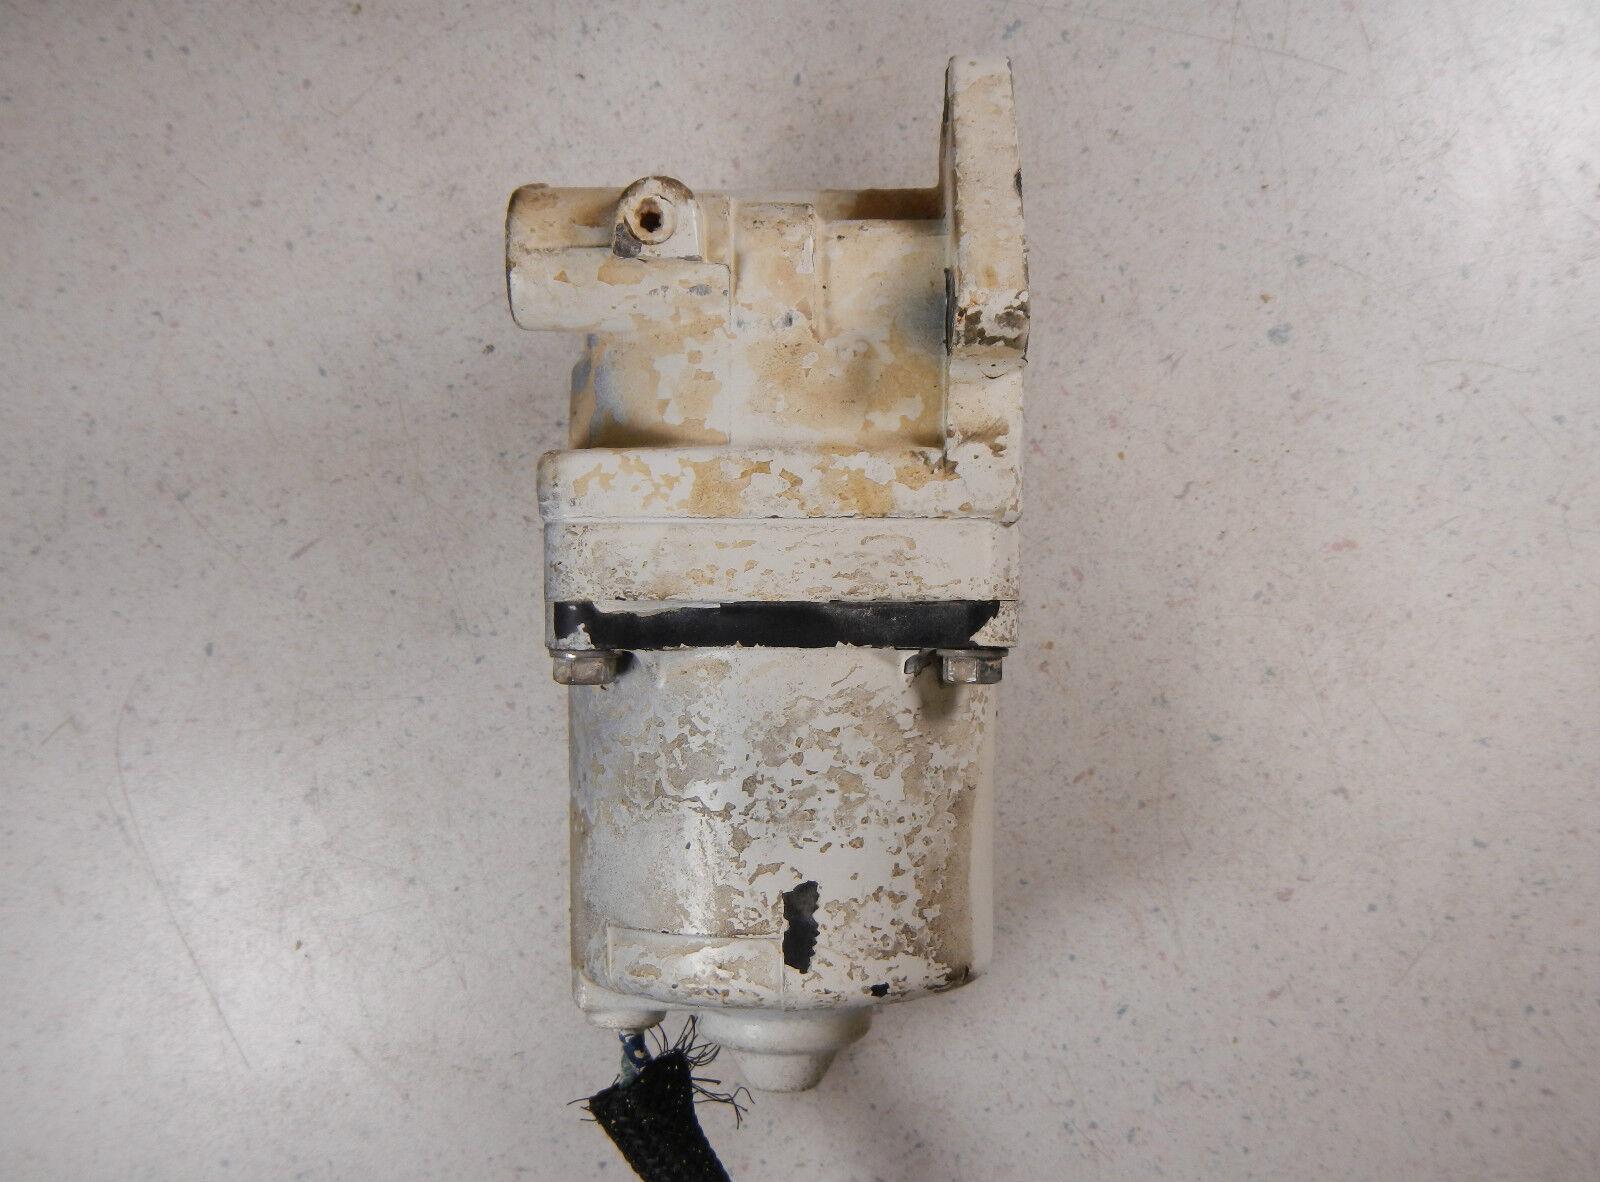 99 Omc Omc Omc Evinrude 115 Rand Pumpe Motor Pumpe & Ventilkörper Asy 264468